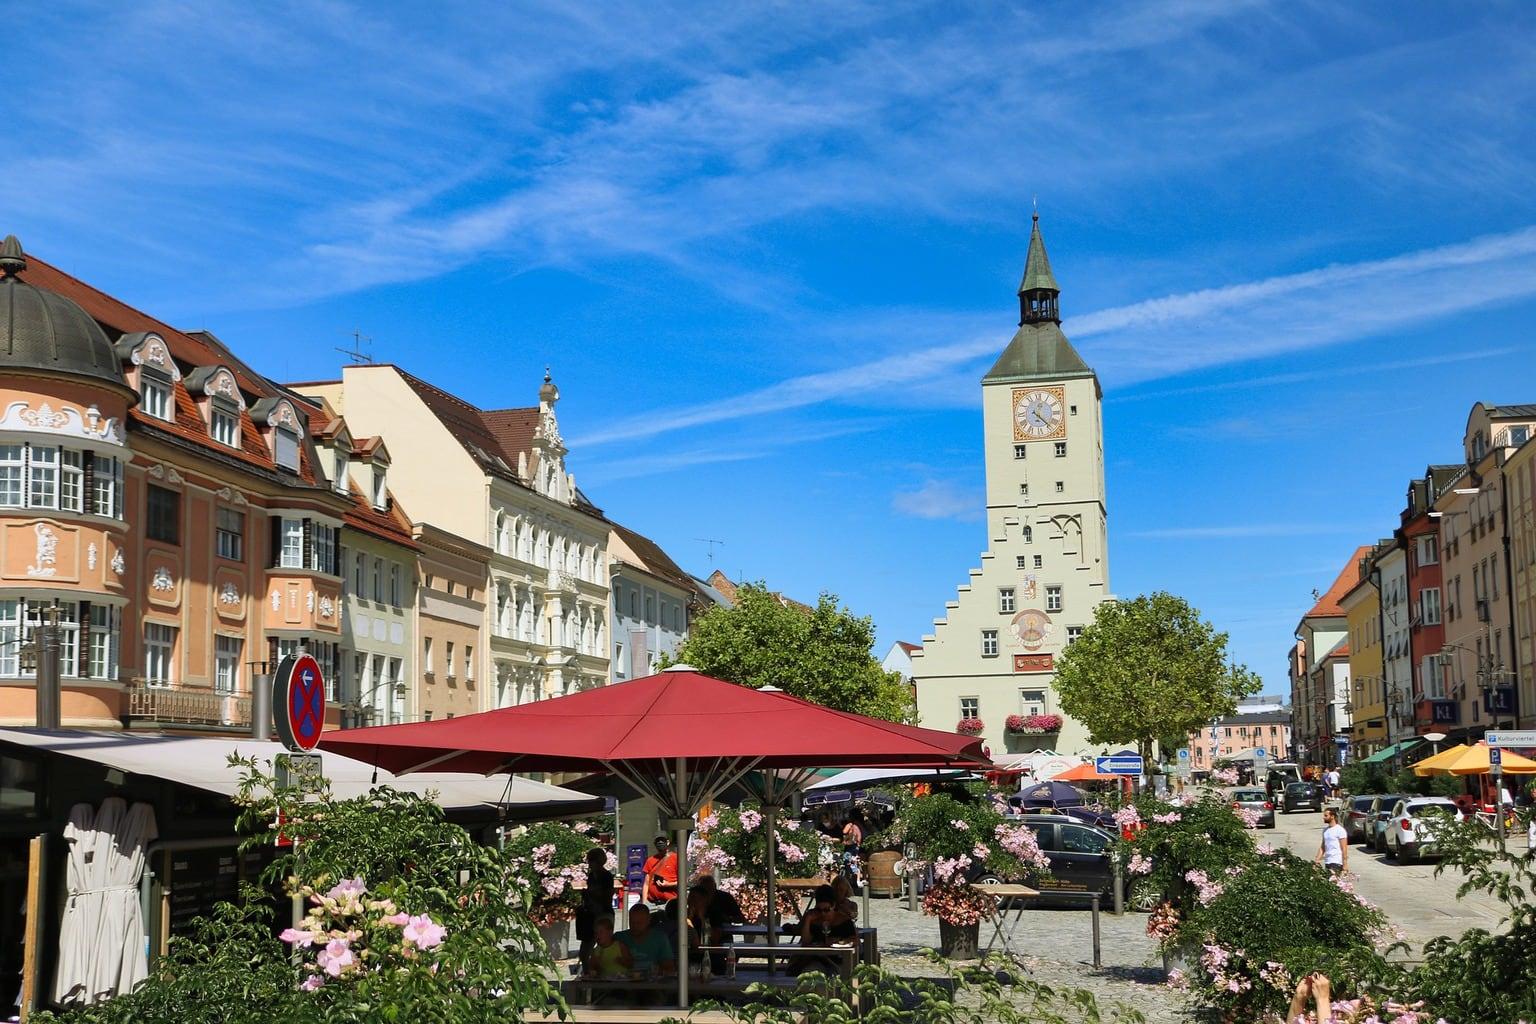 Stadsgezicht van Deggendorf in Beieren waar veel kaarsen geproduceerd worden